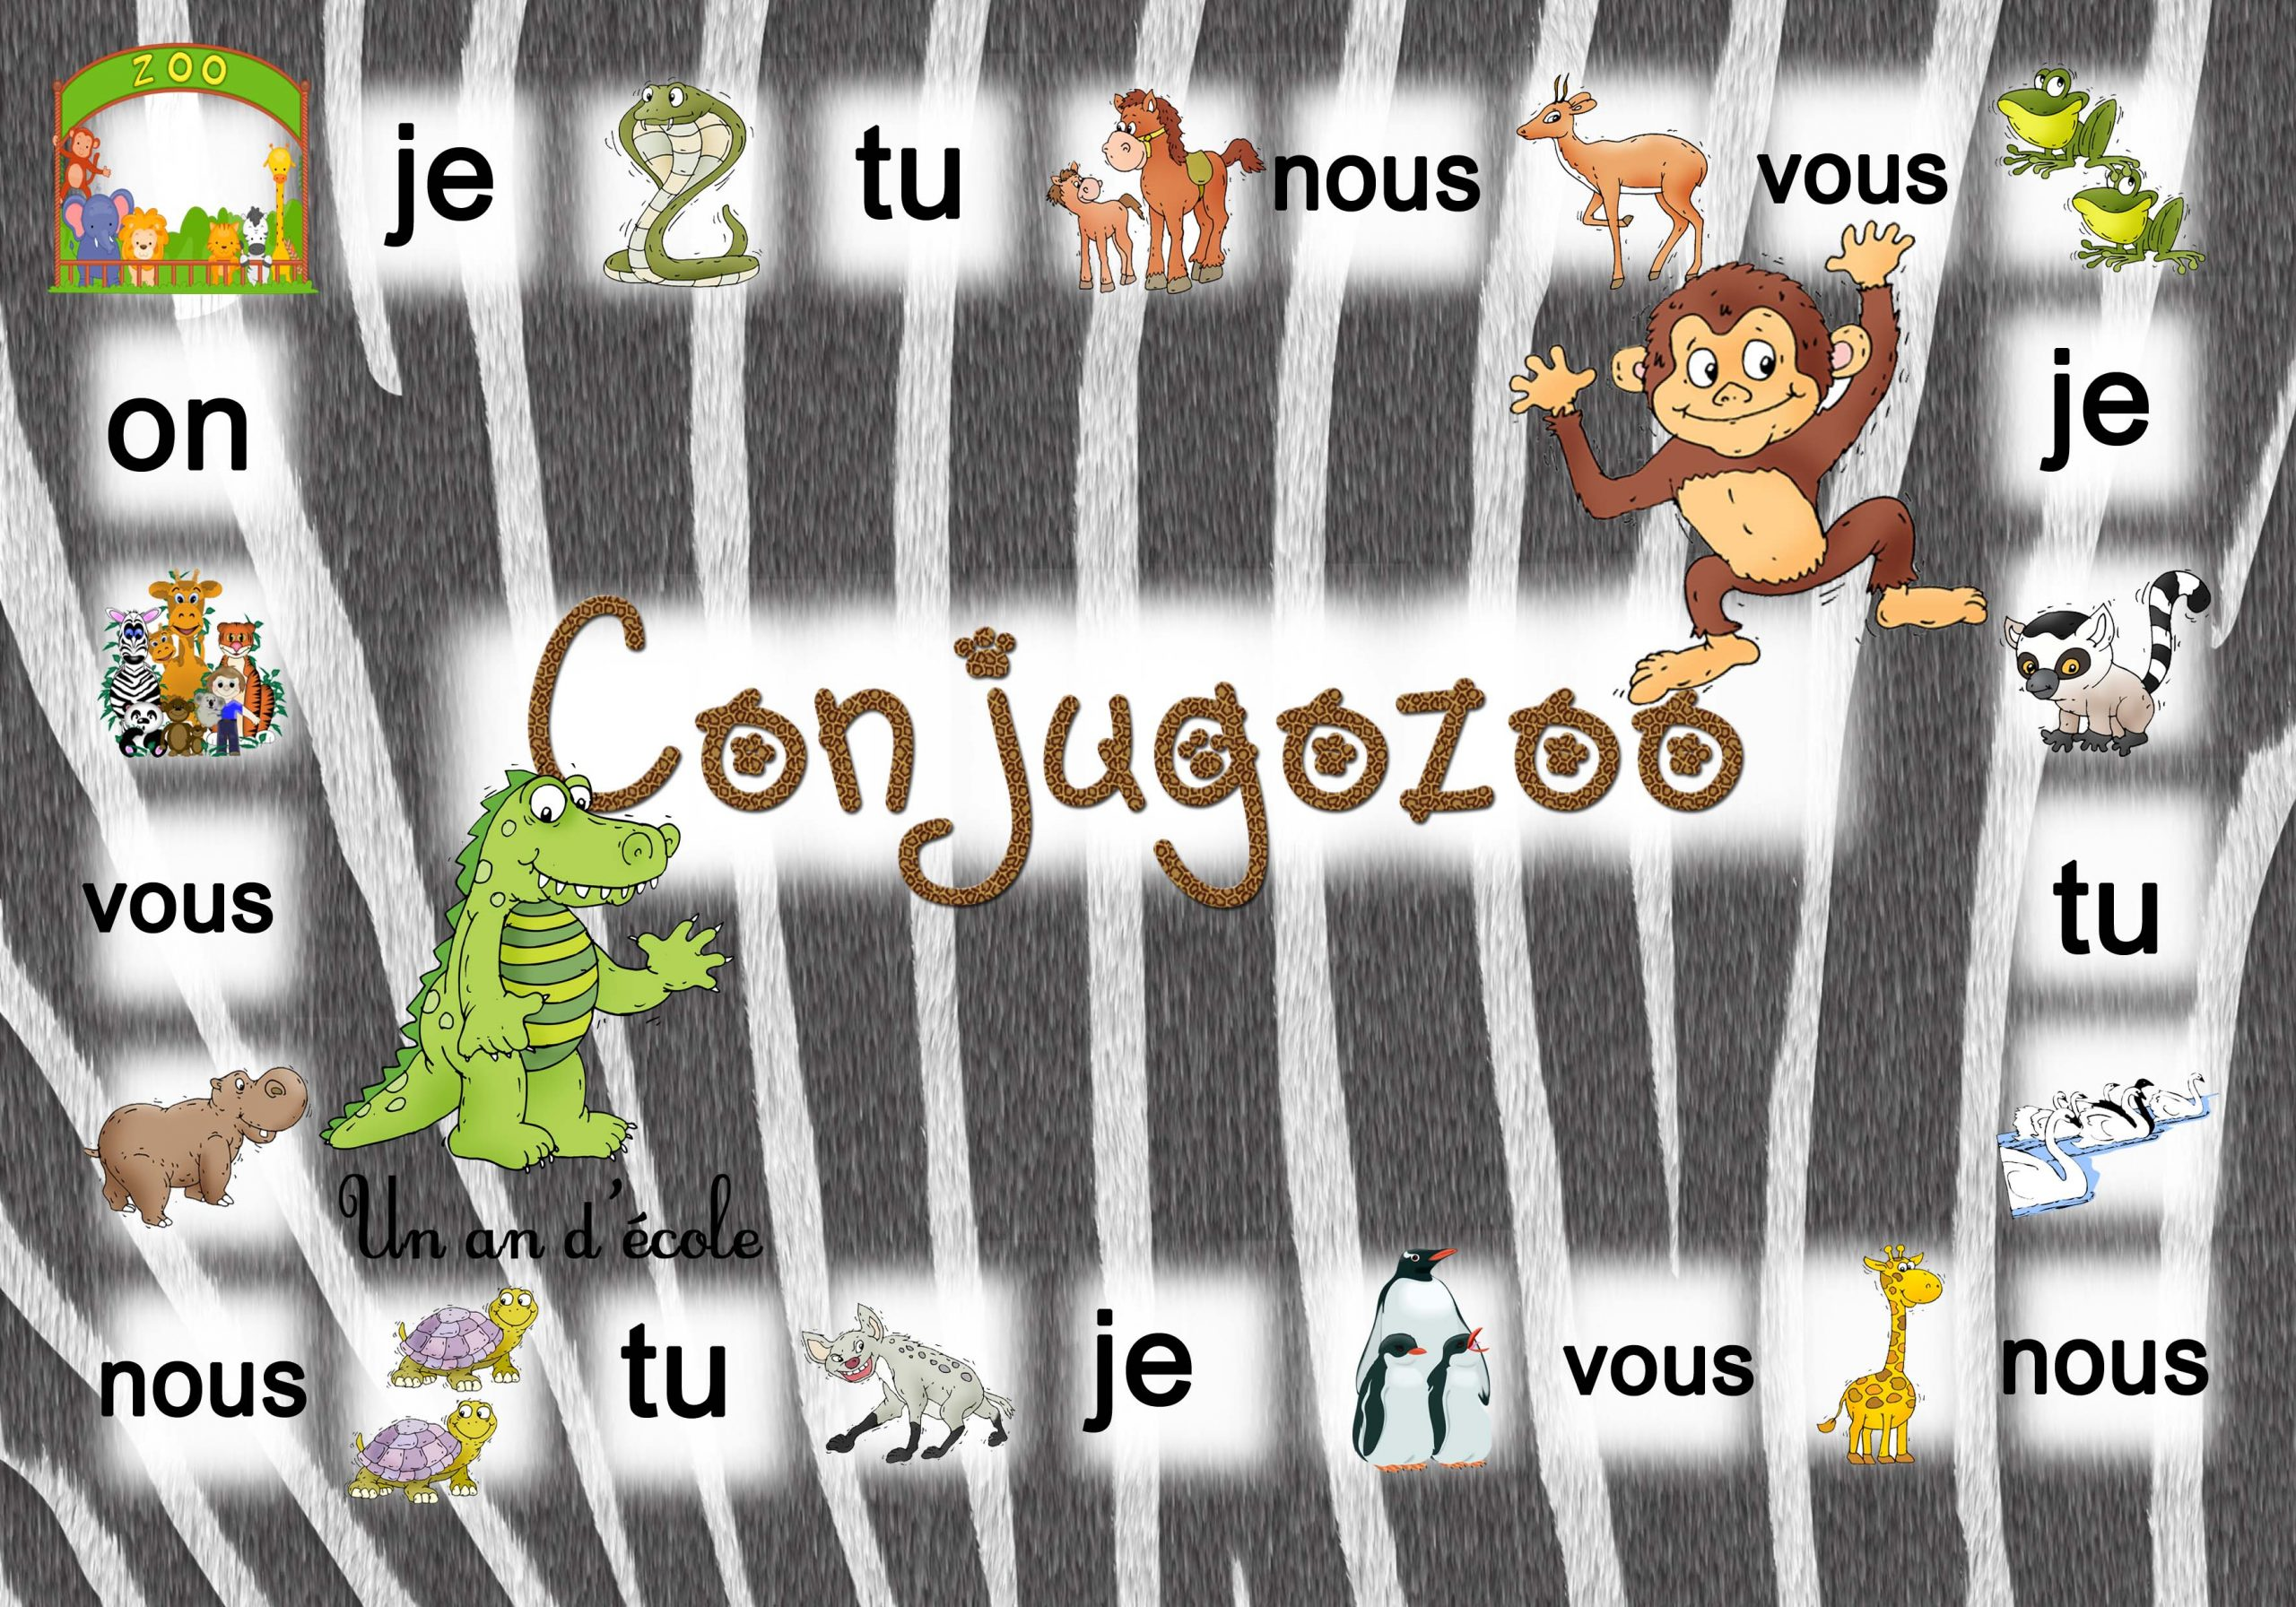 Conjugozoo : Jeu Pour Conjuguer Du Ce1 Au Cm2 En Passant Par concernant Jeux Educatif Ce1 A Imprimer